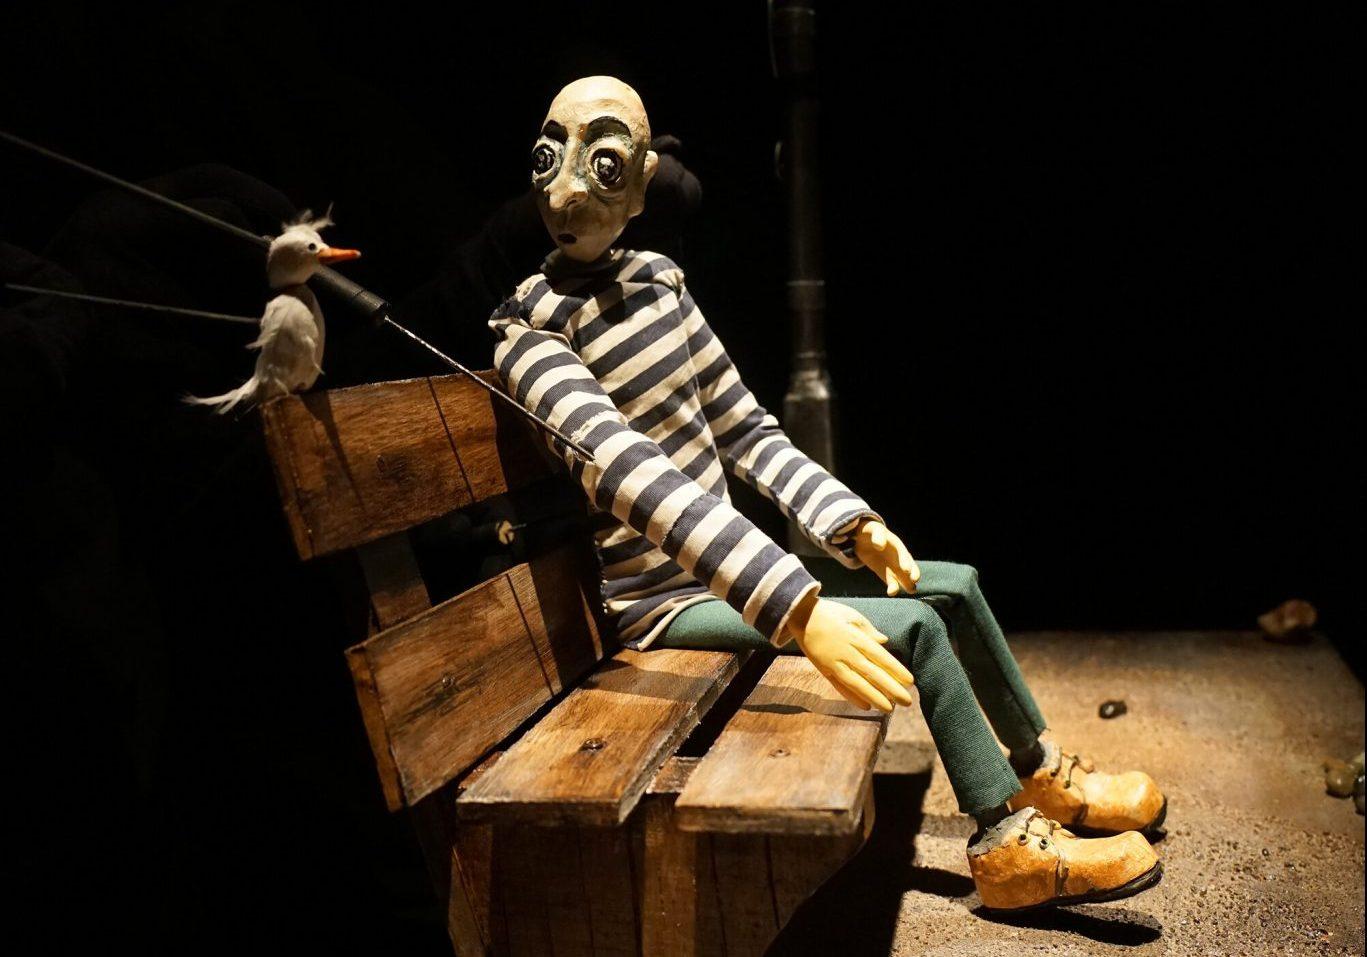 Aleteo de 'Katua&Galea' es la emotiva propuesta teatral en Villafranca del Bierzo, dentro del Festival 'Escenario Patrimonio' de la Consejería de Cultura y Turismo 1